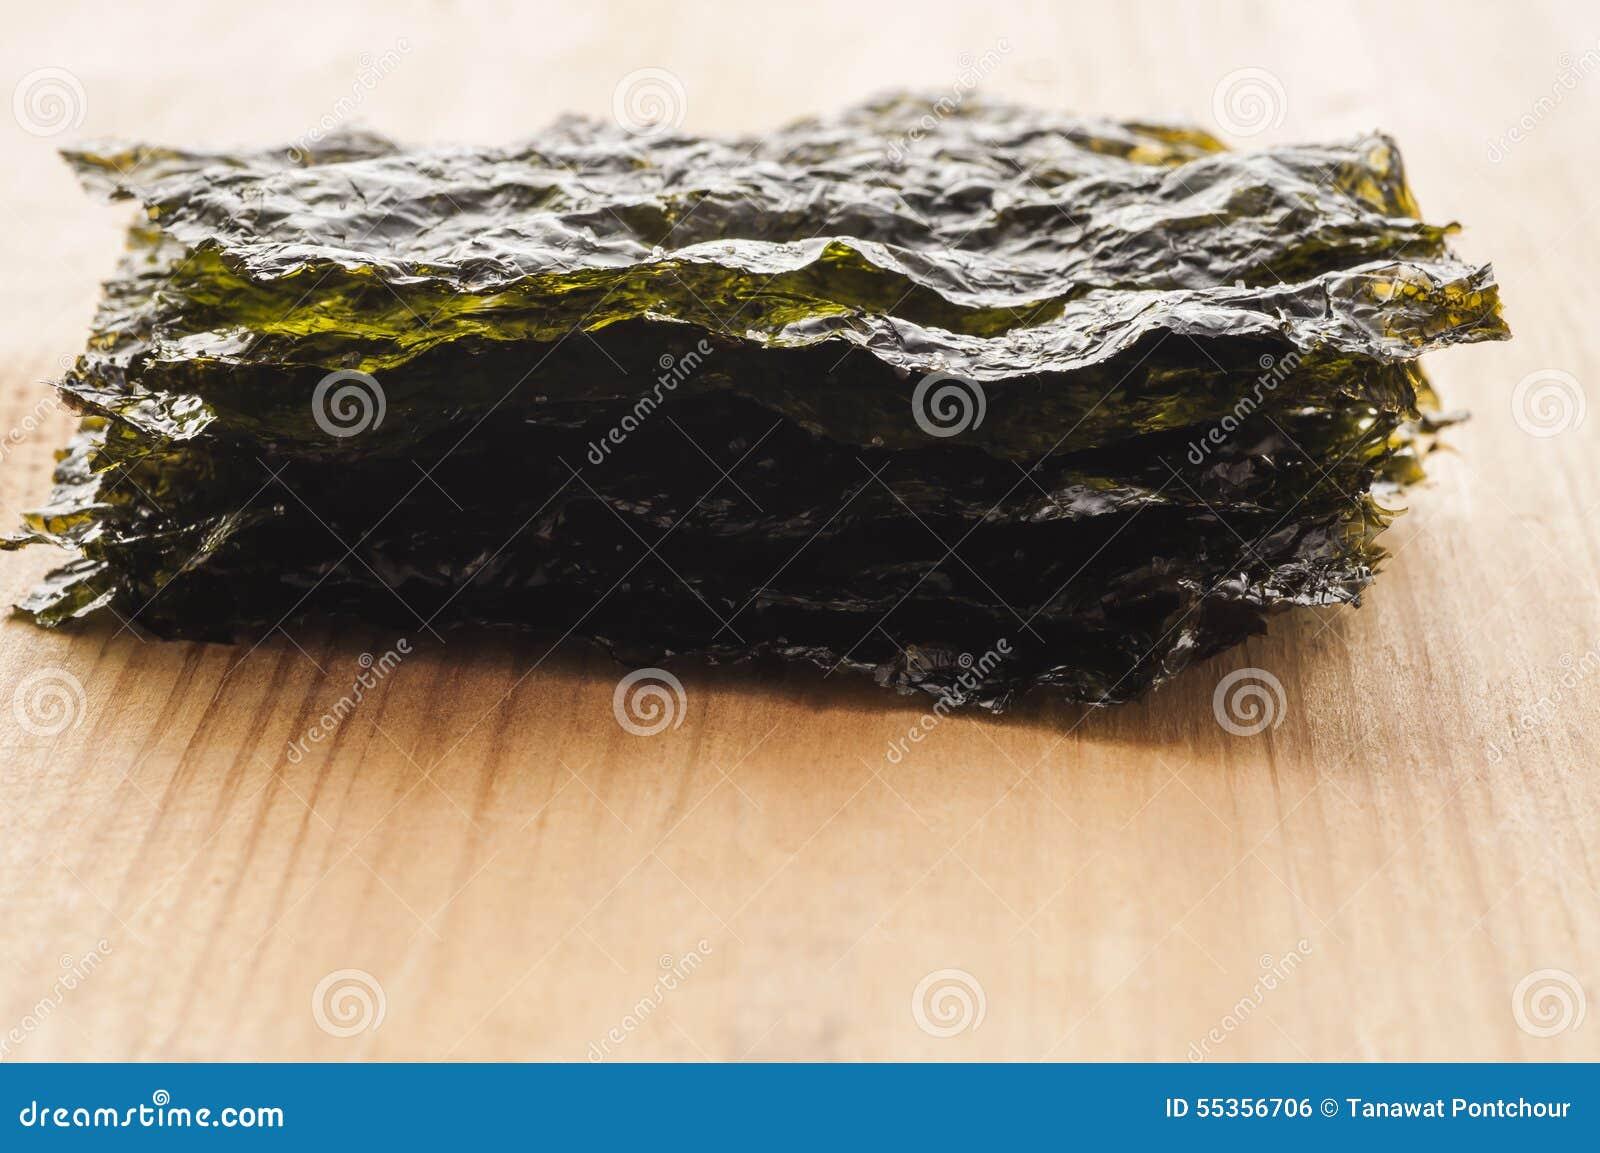 Esperta alga